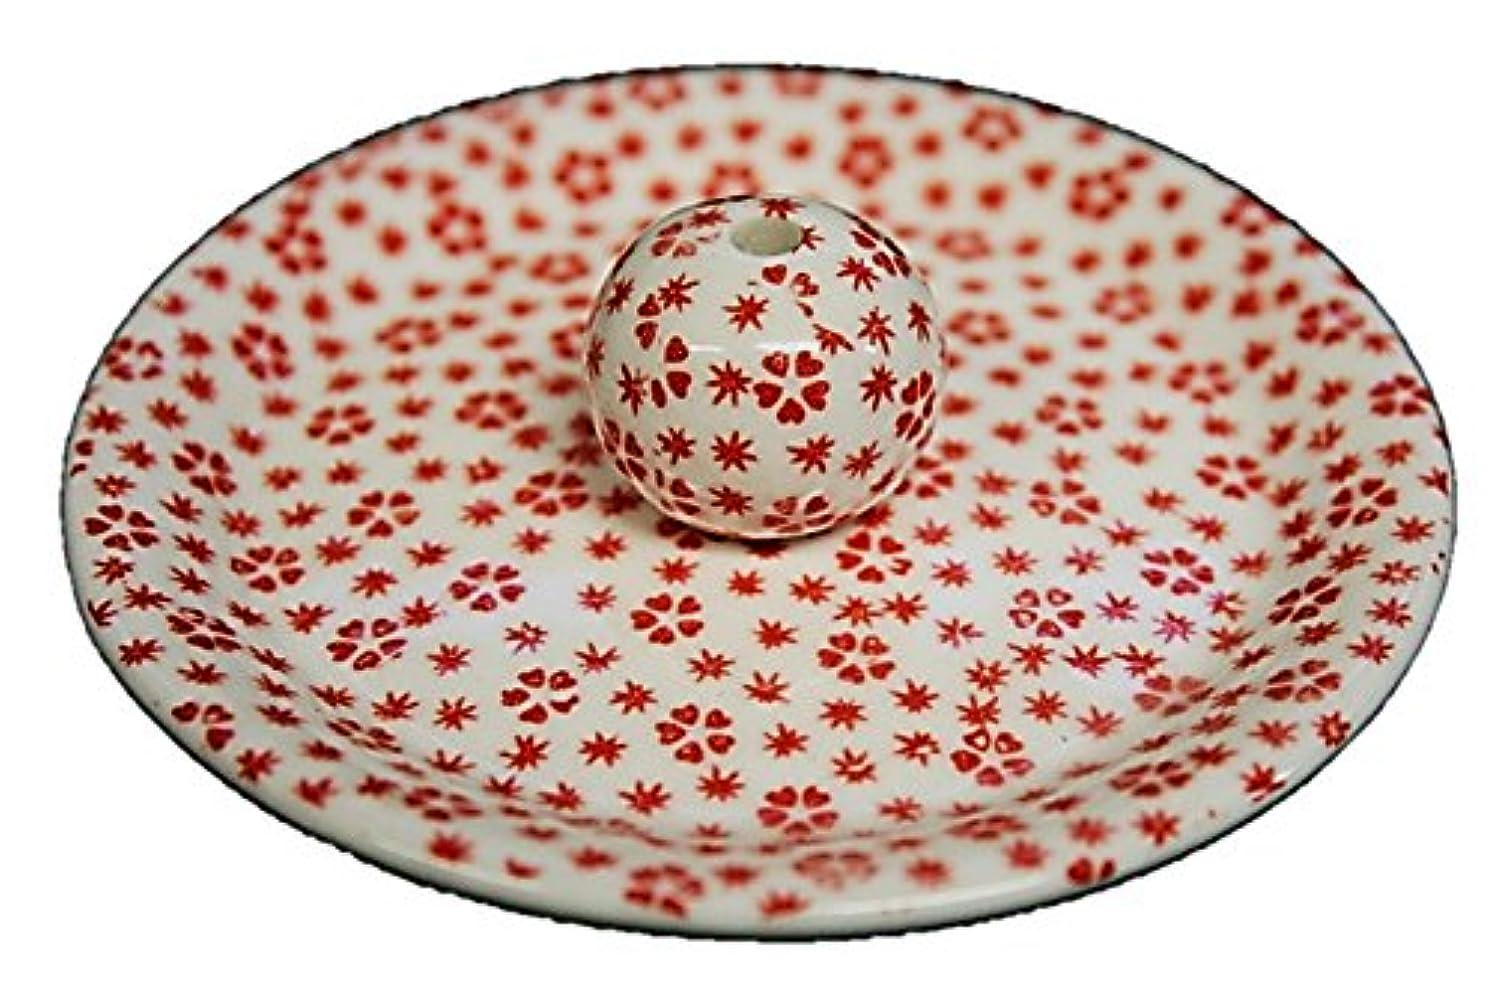 展示会子豚魚9-40 桜小紋 赤 9cm香皿 お香立て お香たて 陶器 日本製 製造?直売品